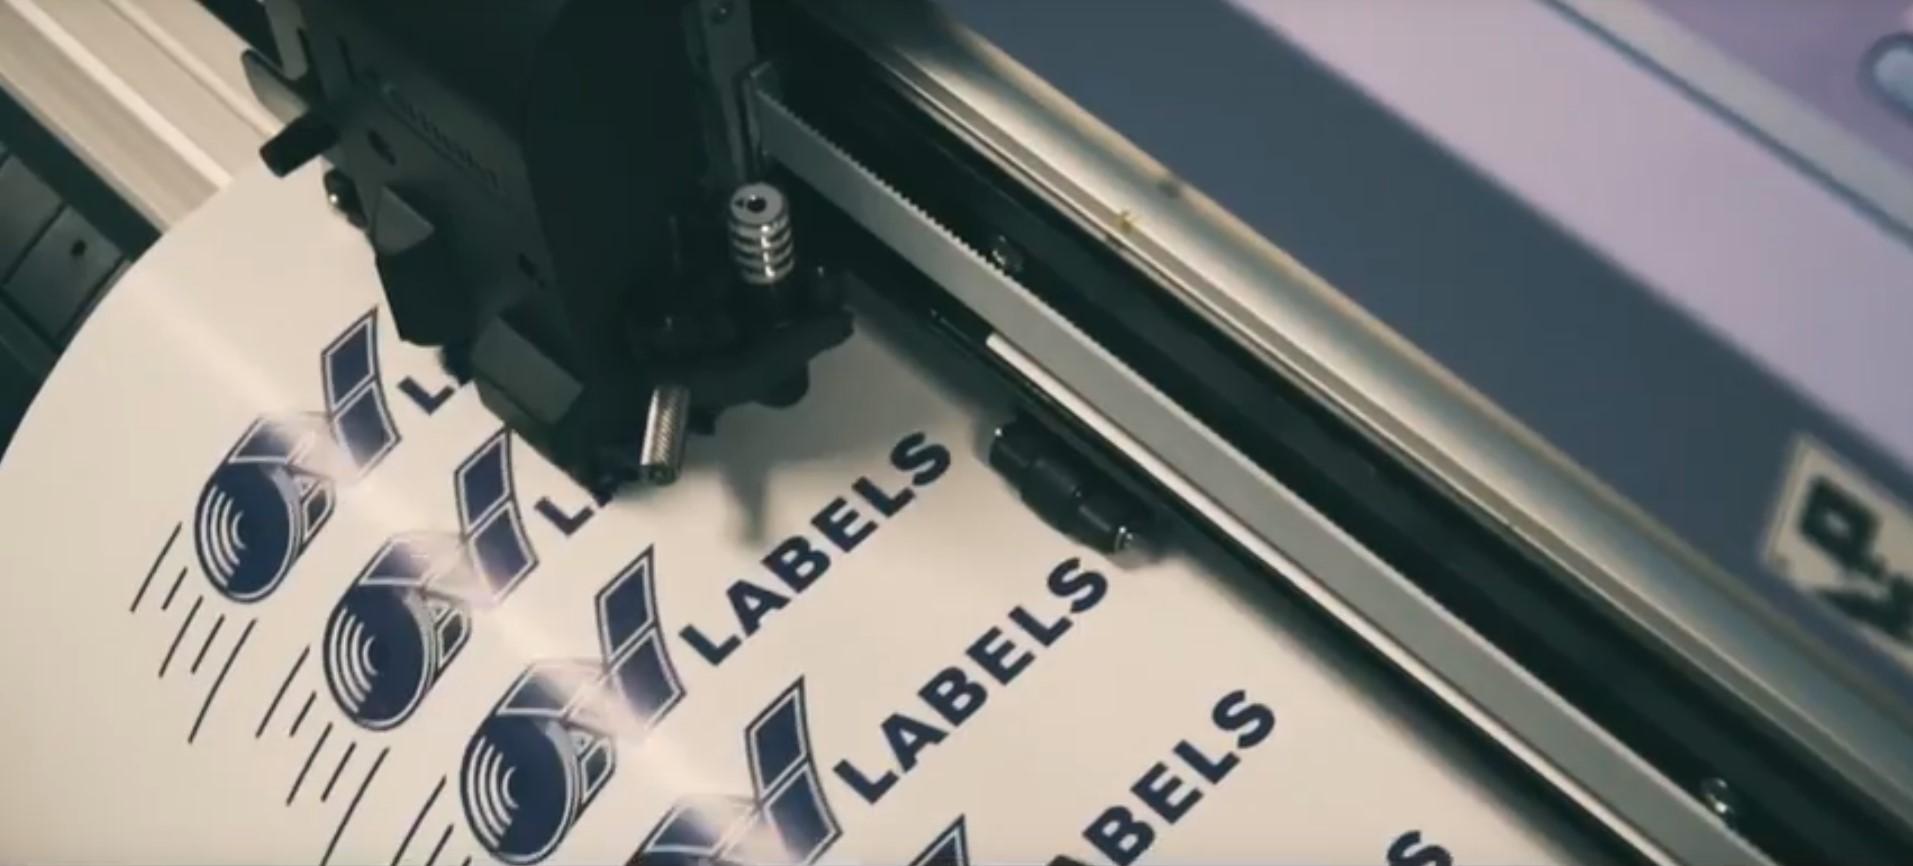 ov labels spausdinimas